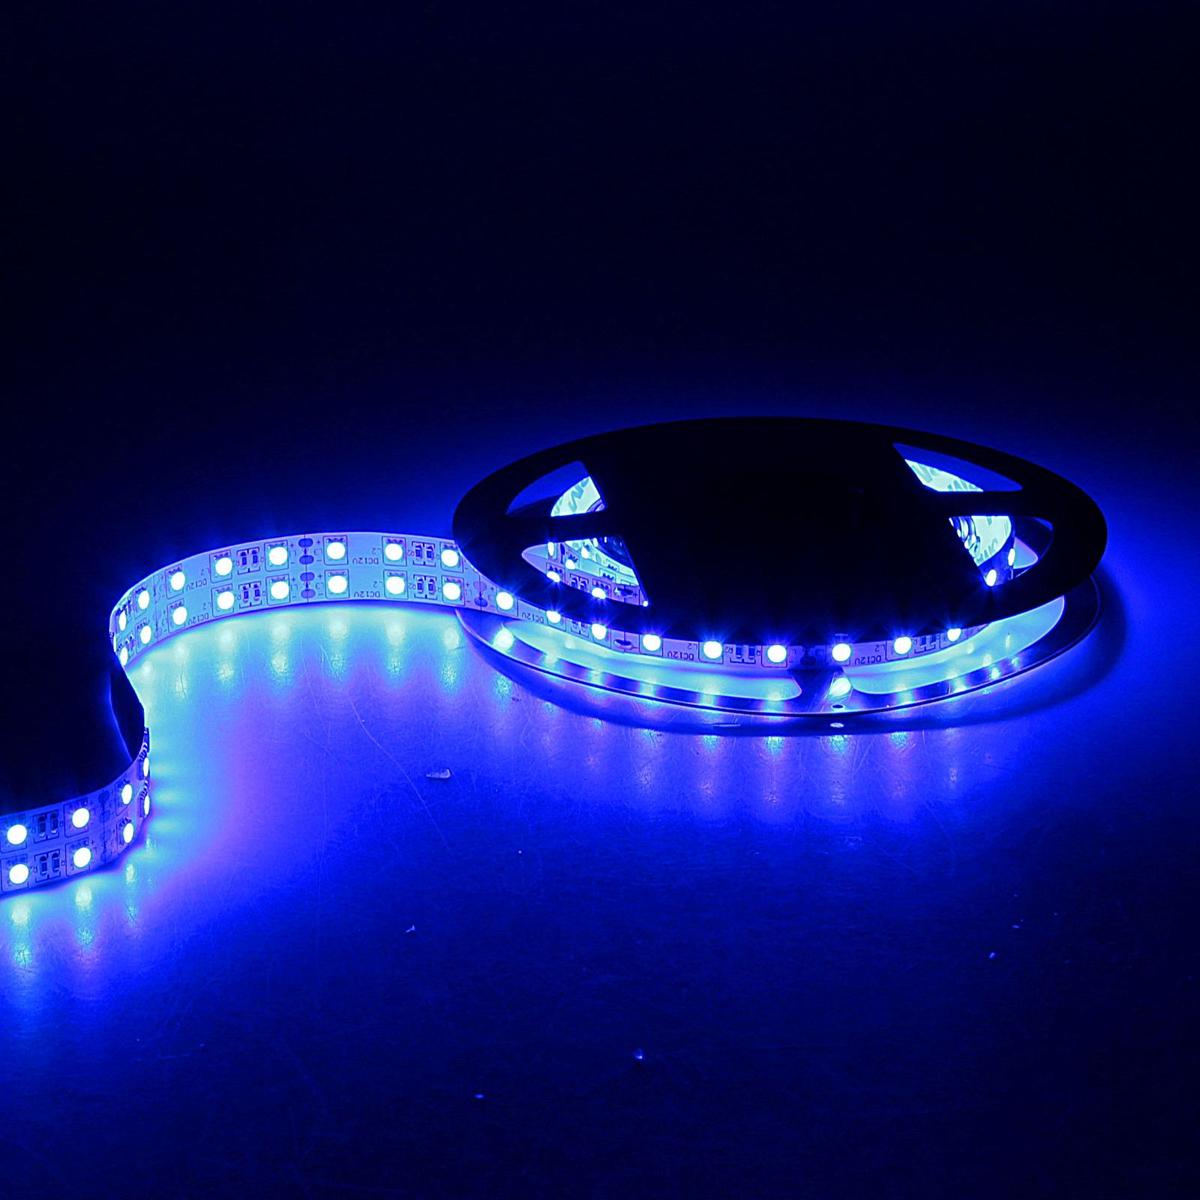 Светодиодная лента Sima-land, 12В, SMD5050, длина 5 м, IP33, 120 LED ламп, 28.8 Вт/м, 10-12 Лм/1 LED, DC, цвет: синий848552Светодиодные гирлянды, ленты и т.д — это отличный вариант для новогоднего оформления интерьера или фасада. С их помощью помещение любого размера можно превратить в праздничный зал, а внешние элементы зданий, украшенные ими, мгновенно станут напоминать очертания сказочного дворца. Такие украшения создают ауру предвкушения чуда. Деревья, фасады, витрины, окна и арки будто специально созданы, чтобы вы украсили их светящимися нитями.